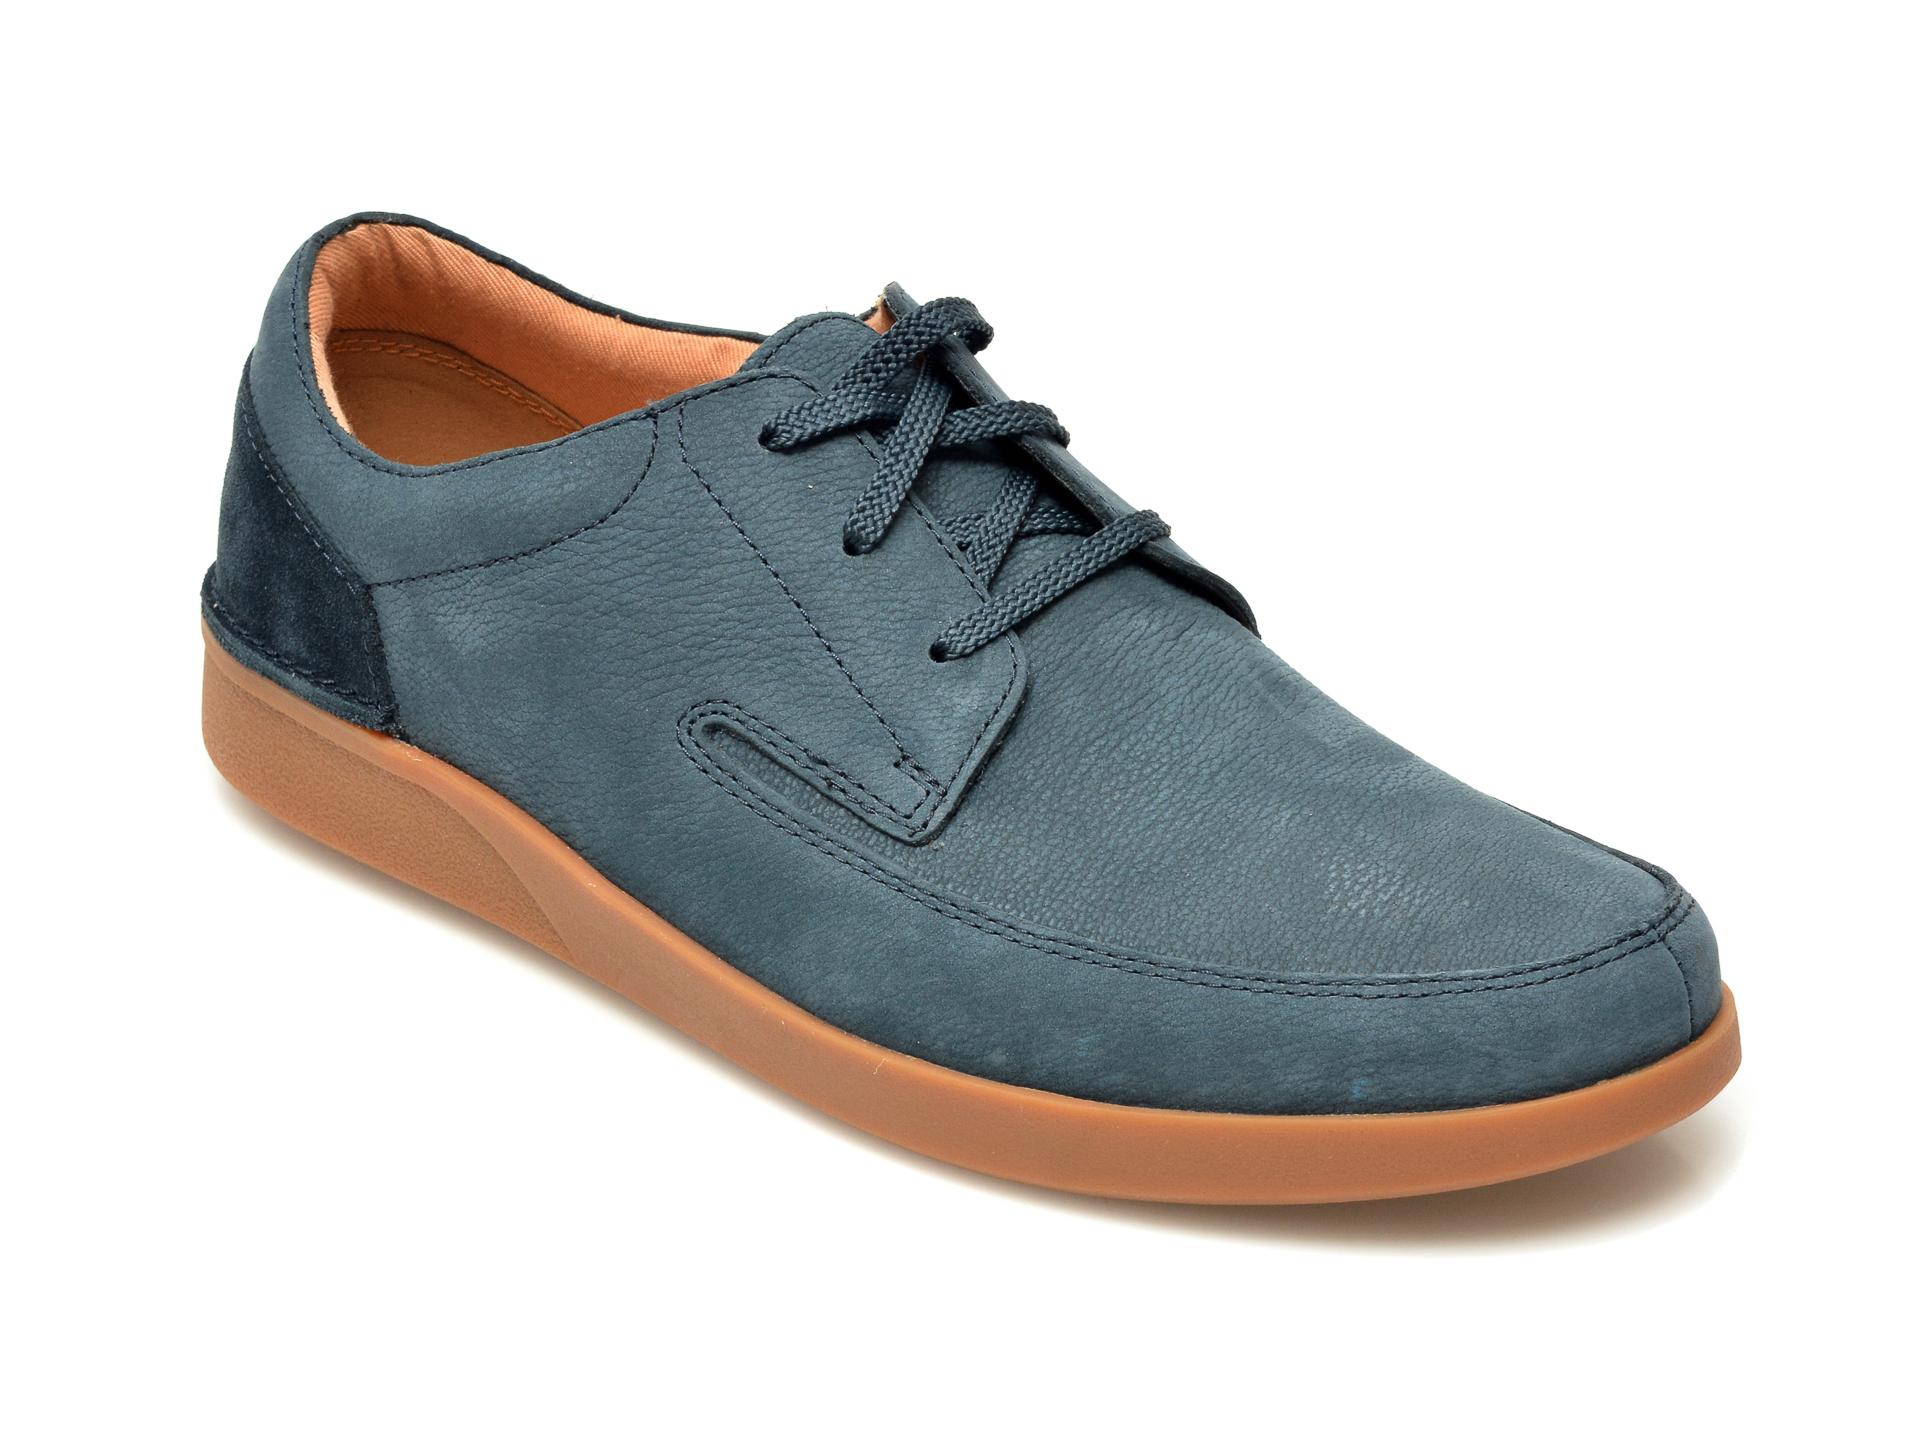 Pantofi CLARKS bleumarin, Oakland Craft, din nabuc New